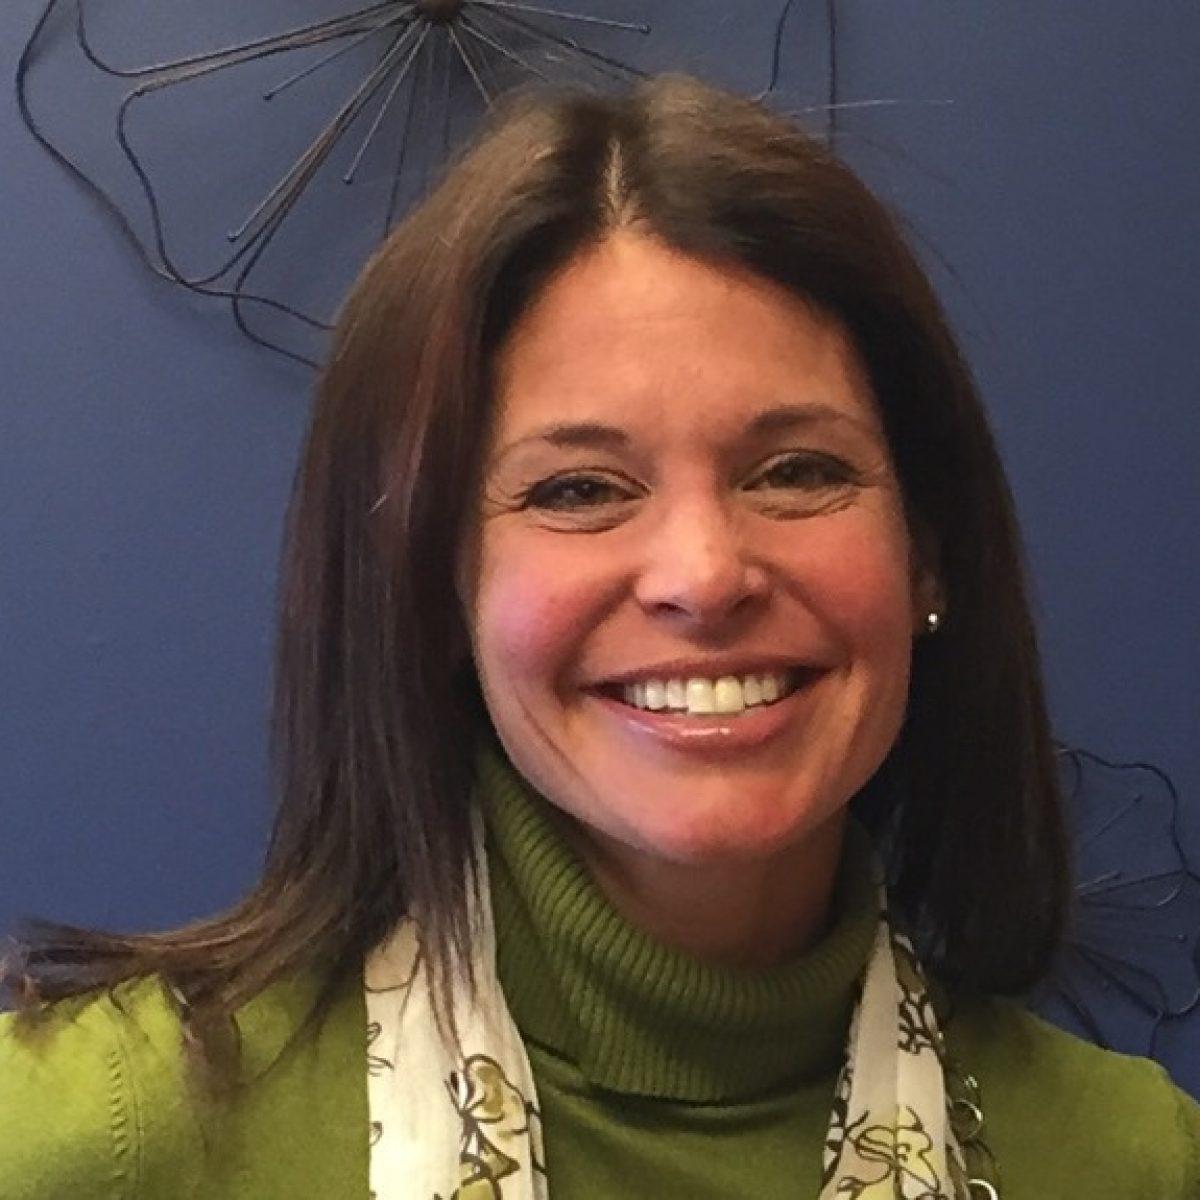 Sarah Simonson